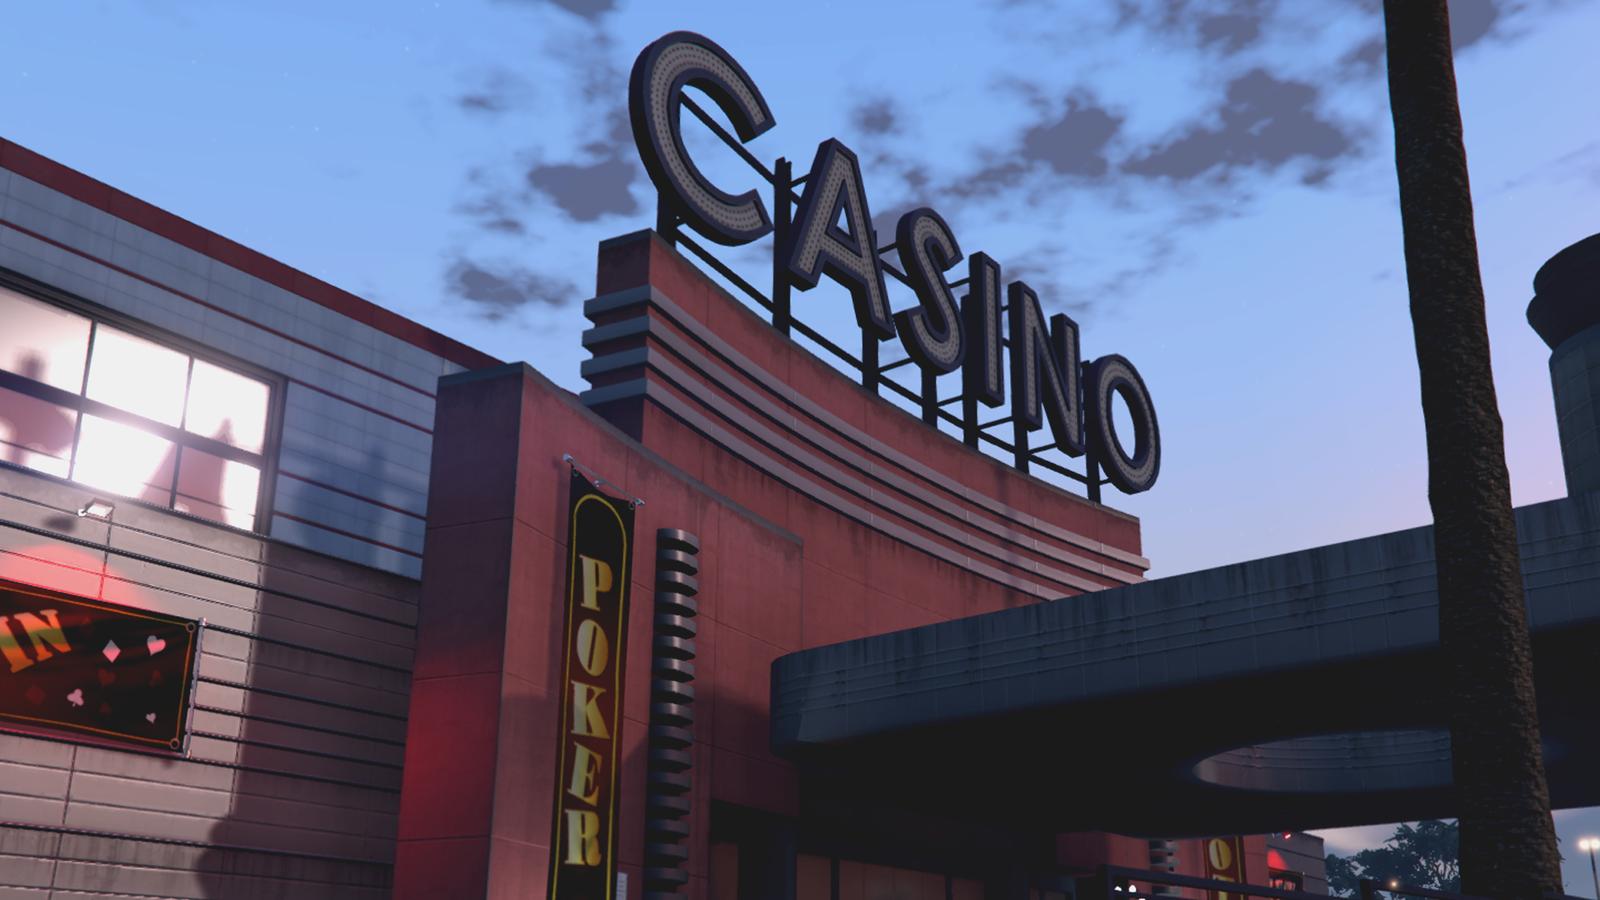 Gta Online Casino Rockstar